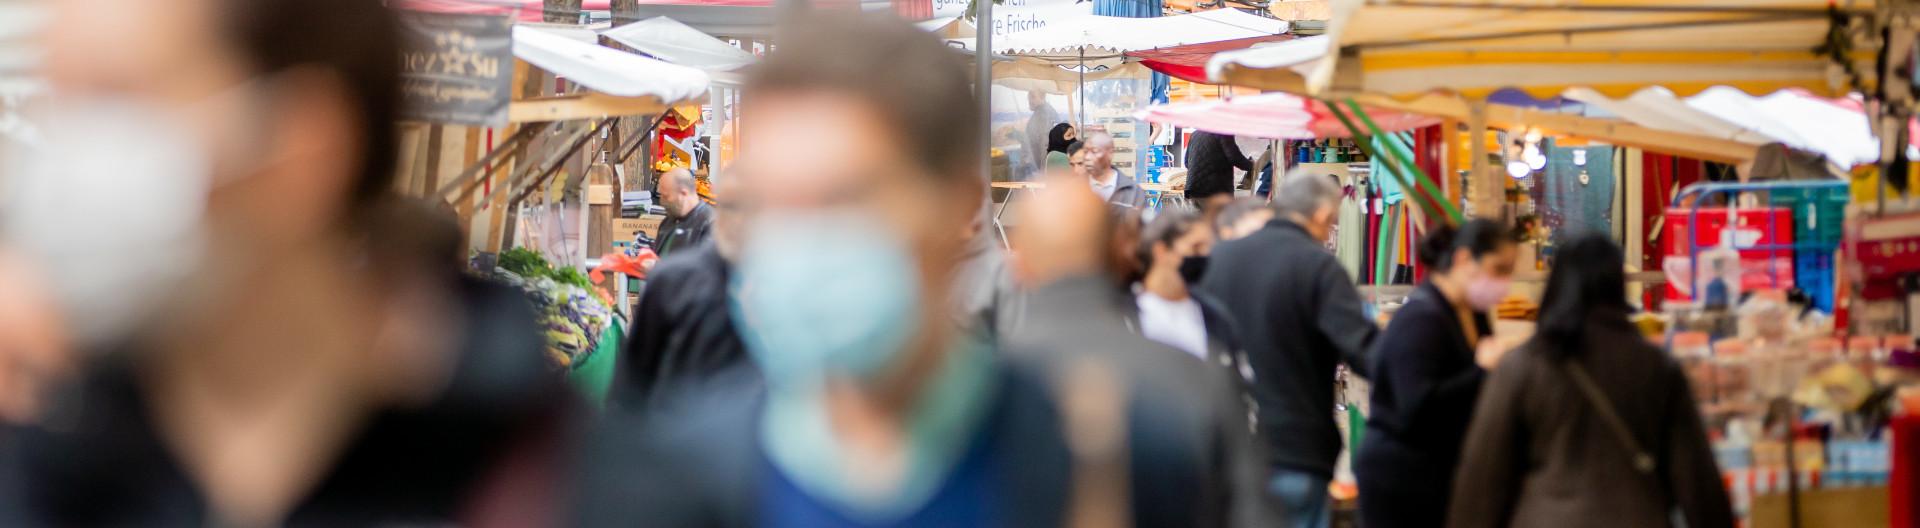 Menschen tragen Masken auf dem Markt in Berlin Kreuzberg am 06.10.2020.